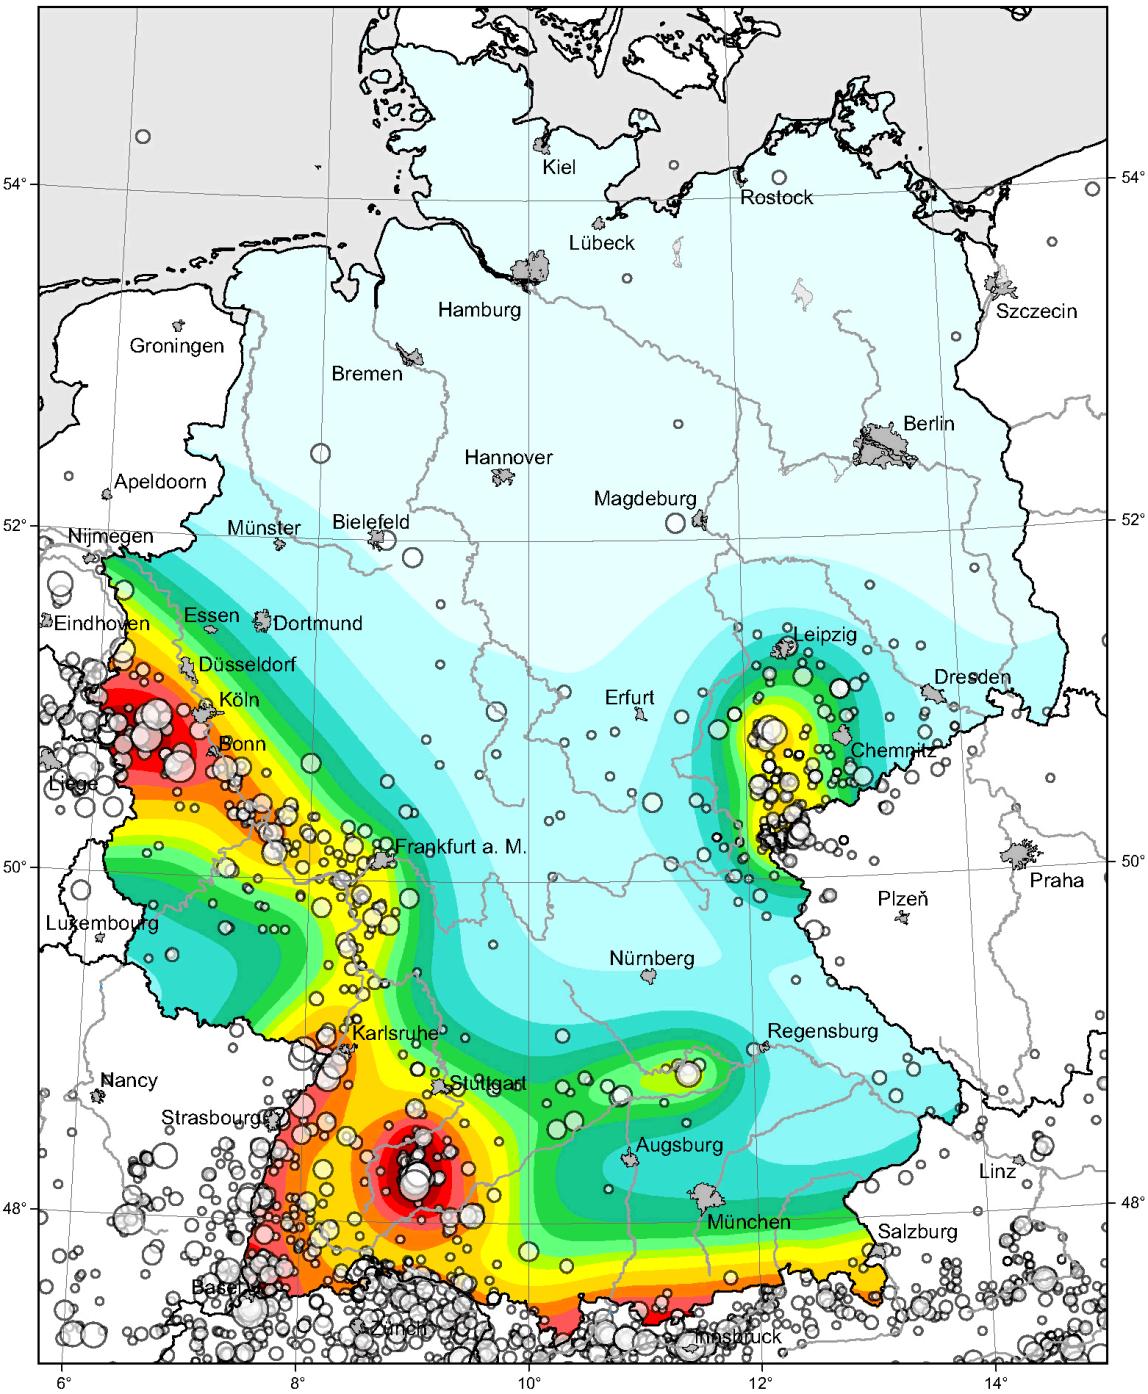 Erdbebenzonierung / Erdbebenzonen in Deutschland